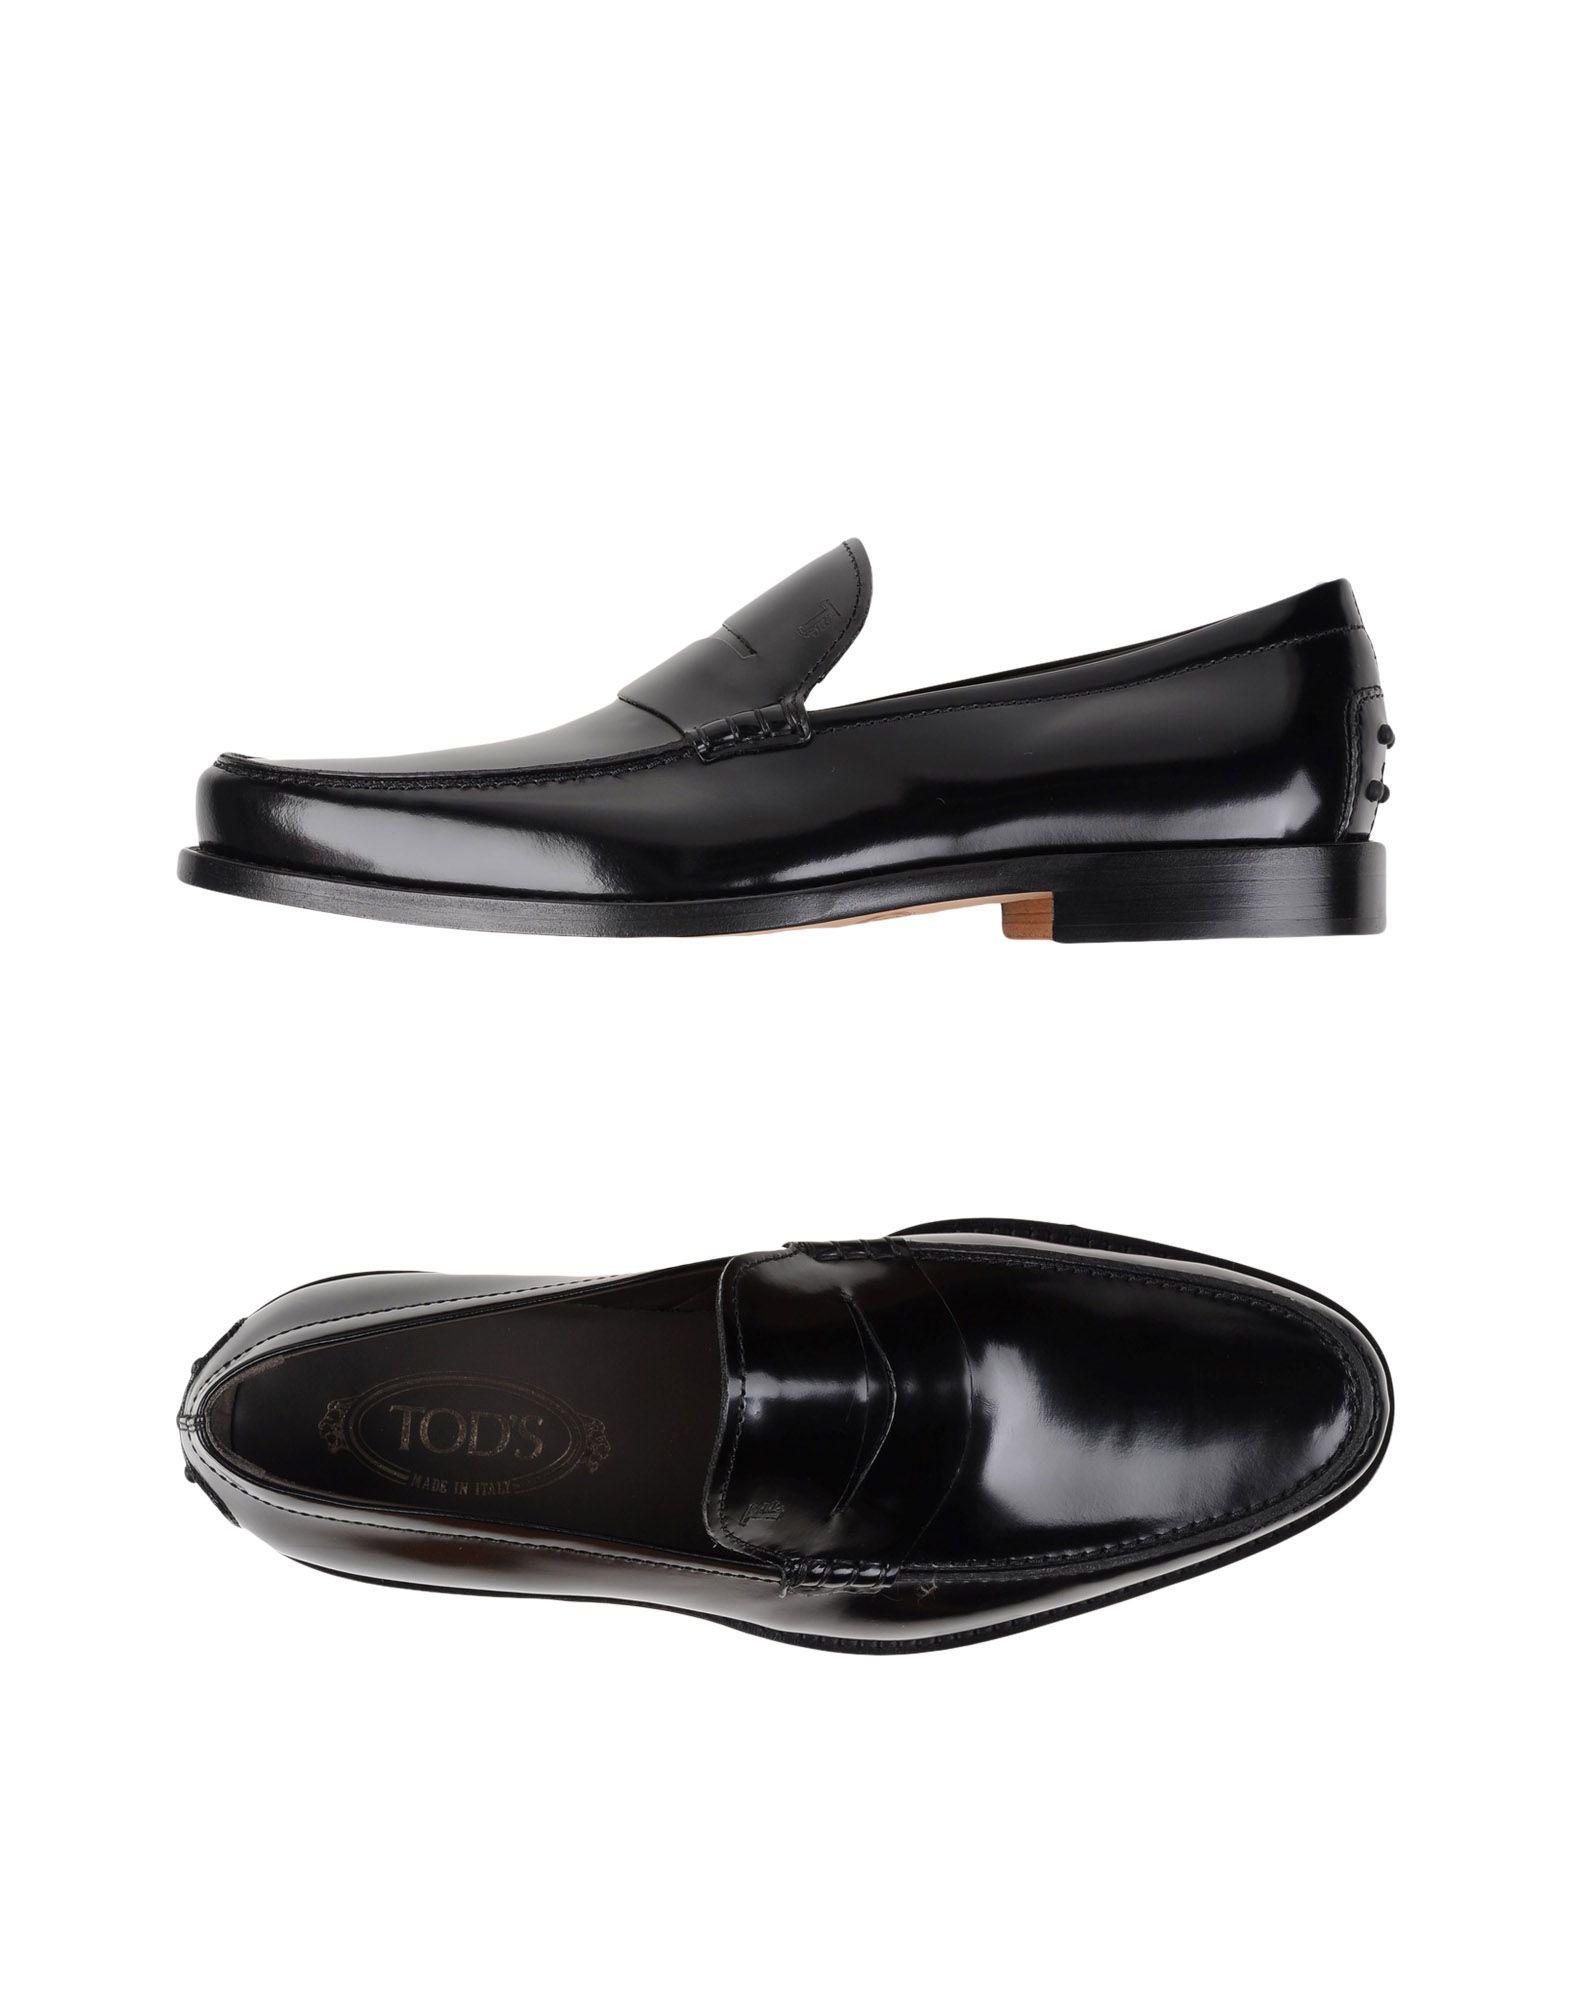 Tod's Mokassins Herren  11120611DO Gute Qualität beliebte Schuhe